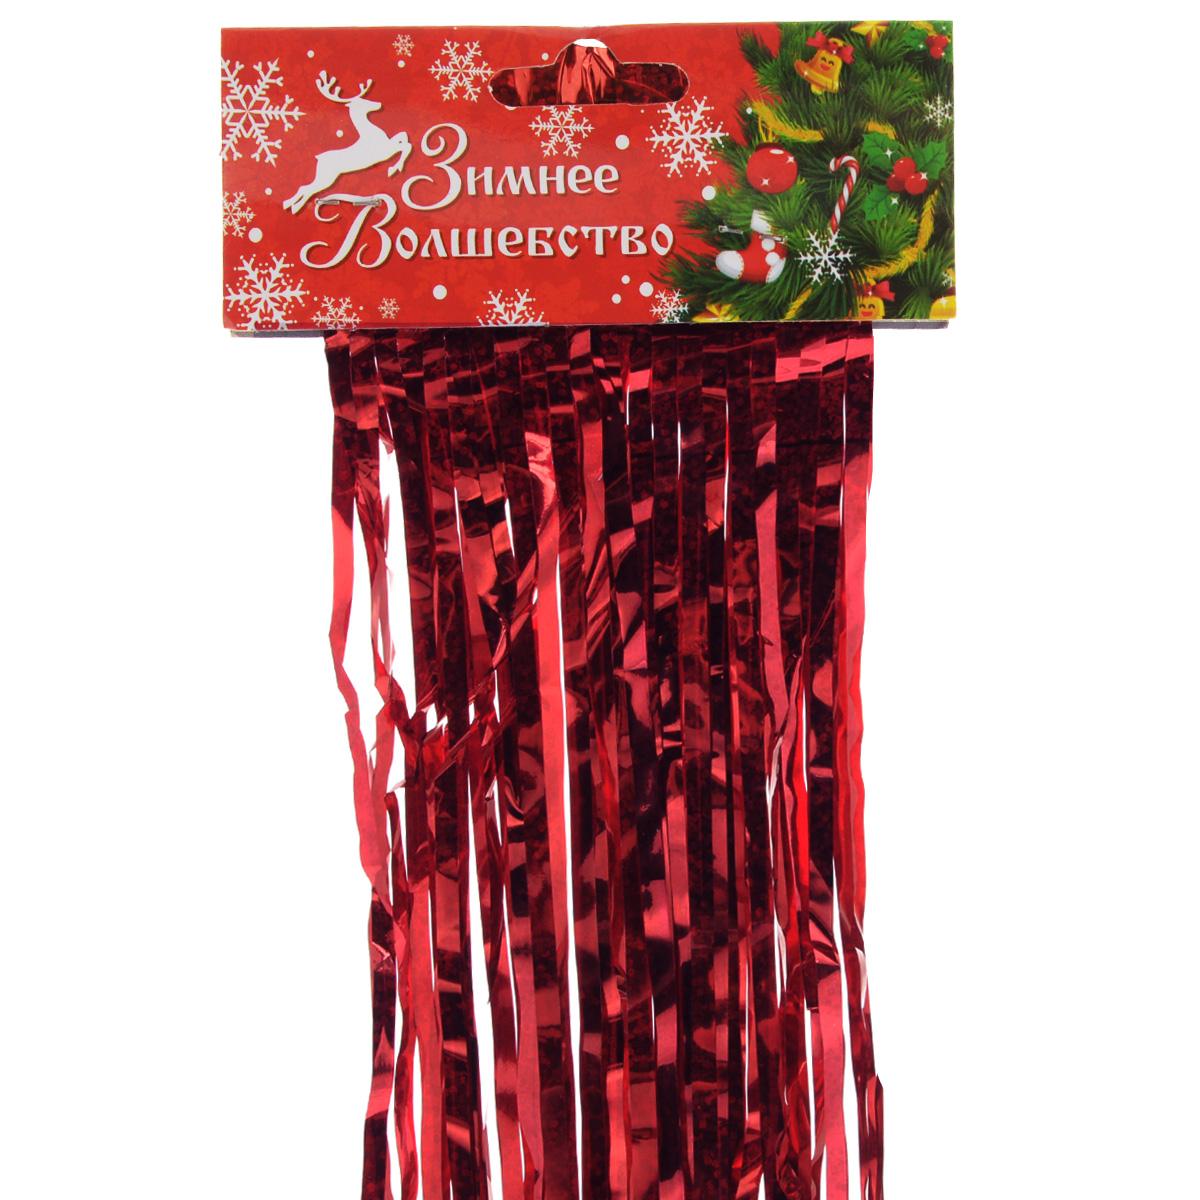 Дождик новогодний Sima-land, цвет: красный, 15 см х 1 м. 702534702534Новогодний дождик Sima-land, изготовленный из фольги, поможет вам украсить свой дом к предстоящим праздникам. Новогодняя елка с таким украшением станет еще наряднее. Новогодним дождиком можно украсить все, что угодно - елку, квартиру, дачу, офис - как внутри, так и снаружи. Можно сложить новогодние поздравления, буквы и цифры, дождиком можно украсить и дополнить гирлянды, можно выделить дверные колонны, оплести дверные проемы. Коллекция декоративных украшений из серии Зимнее волшебство принесет в ваш дом ни с чем не сравнимое ощущение праздника! Создайте в своем доме атмосферу тепла, веселья и радости, украшая его всей семьей. Ширина: 15 см.